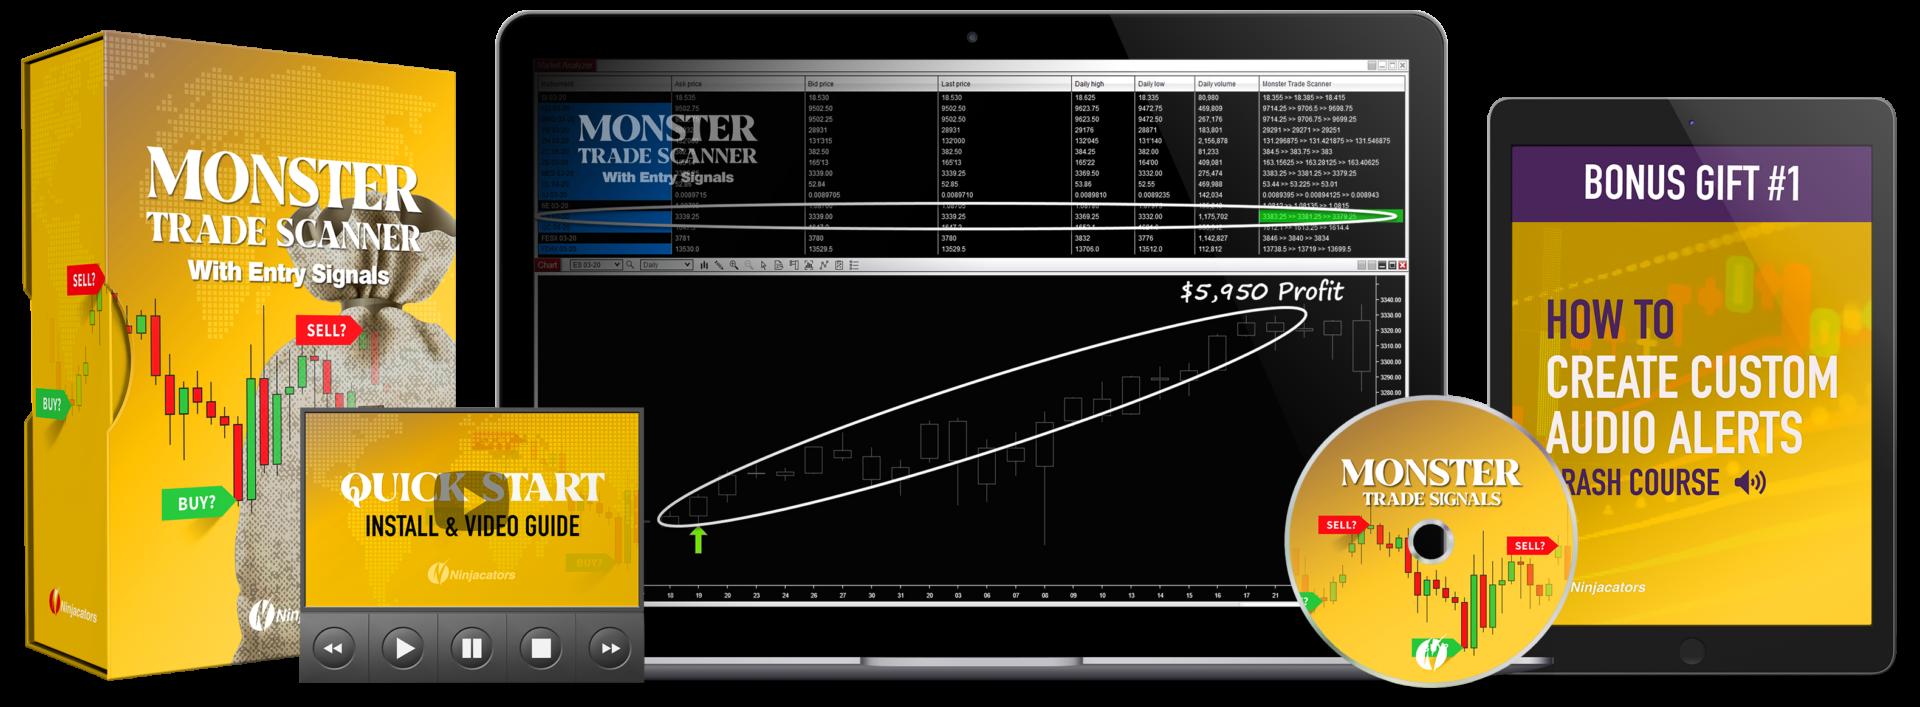 Monster Trade Scanner